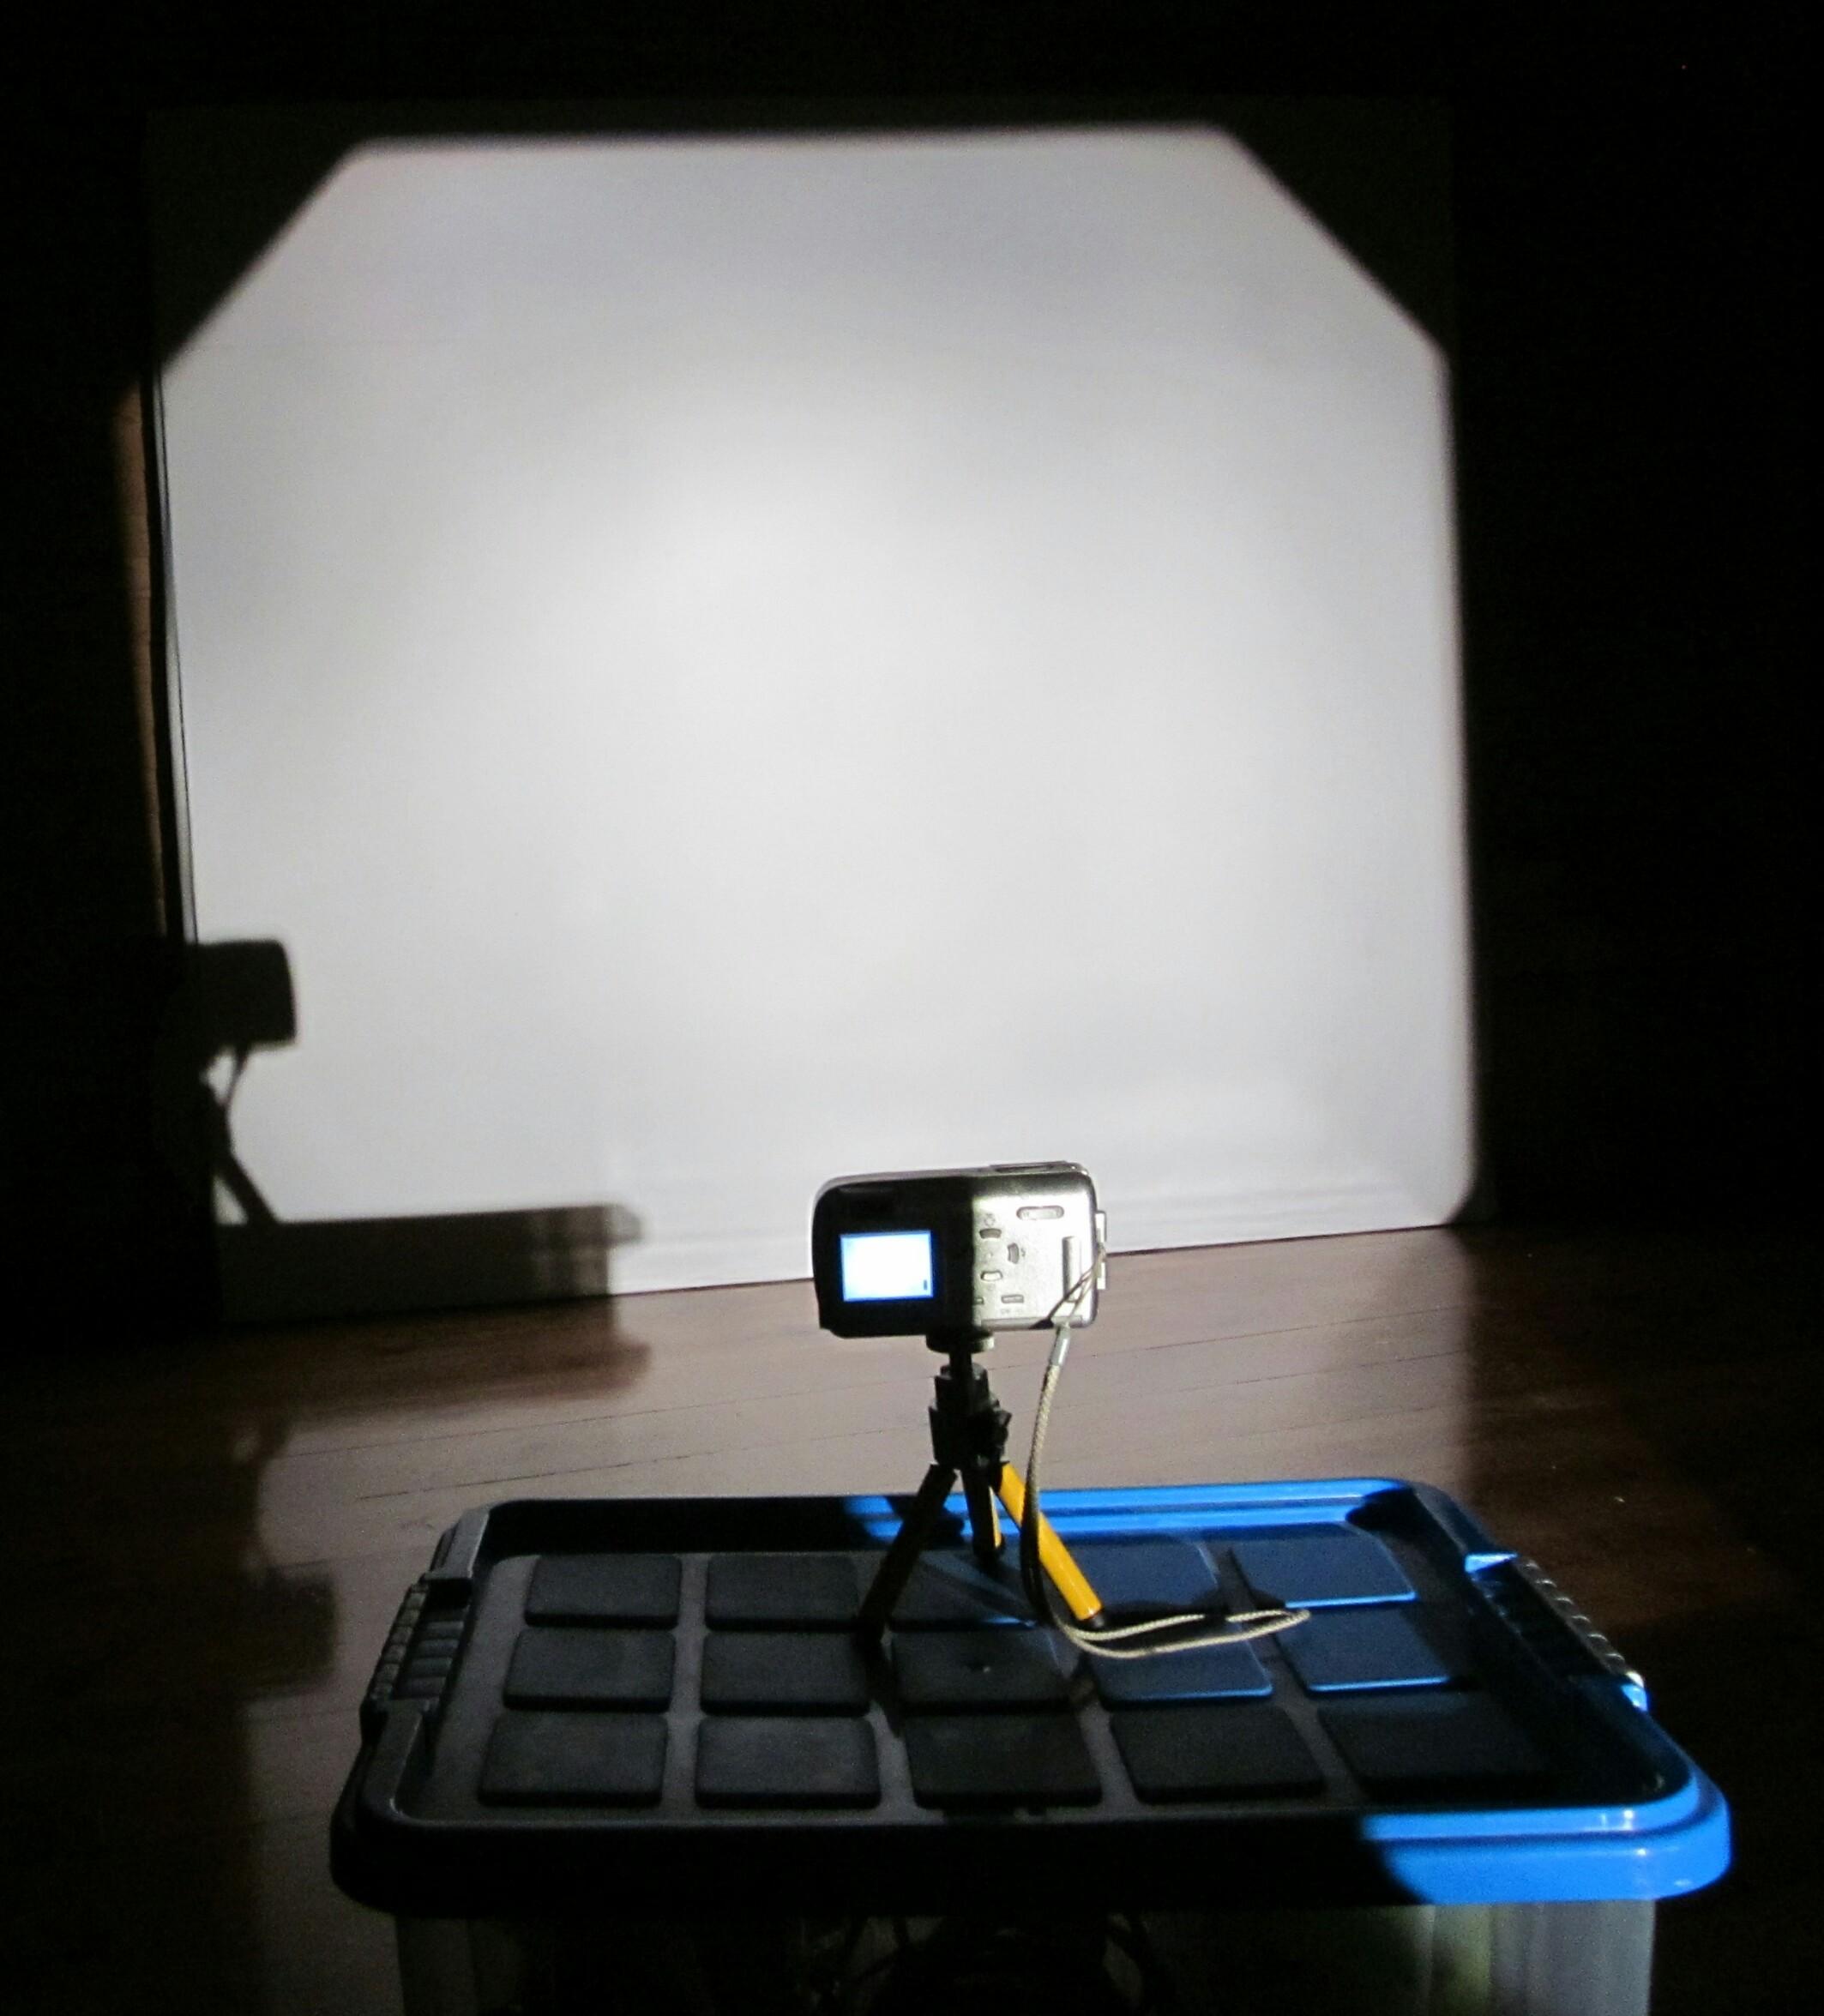 Picture of Prepare the Projector and Camera « Preparar El Proyector Y La Cámara »